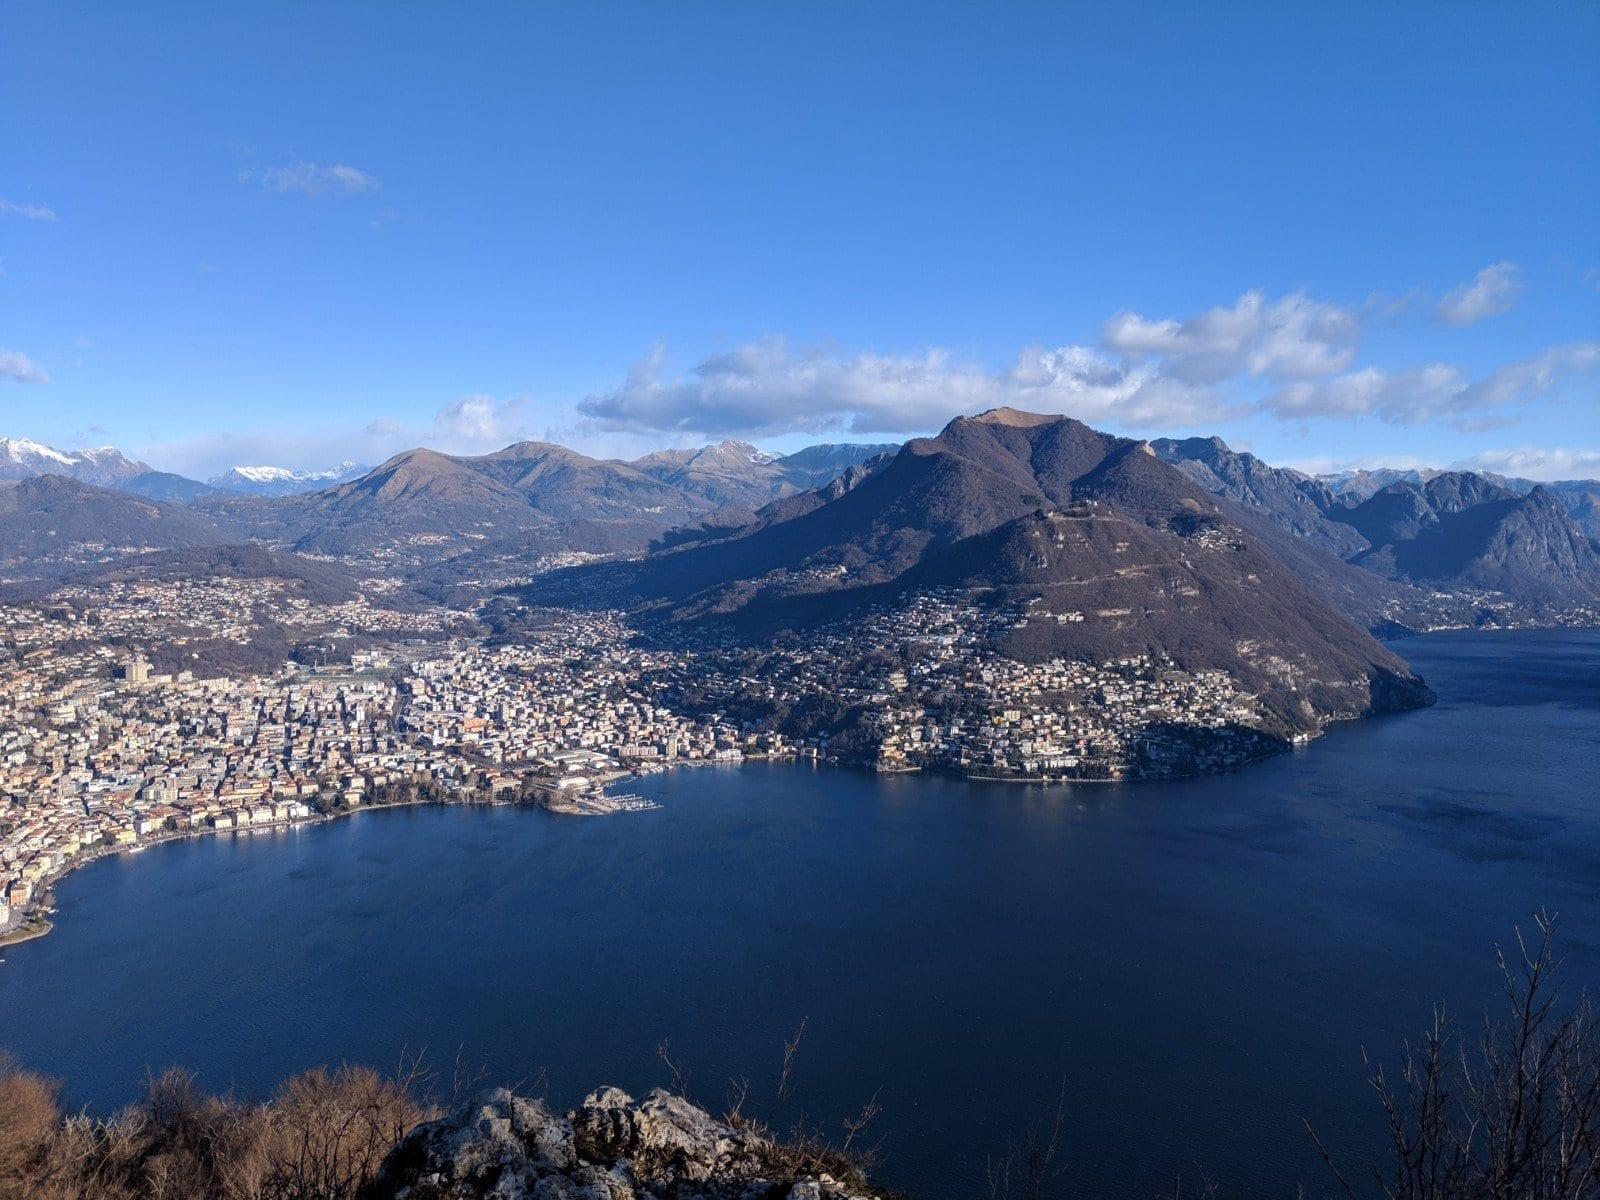 Lugano – Paradiso – San Salvatore